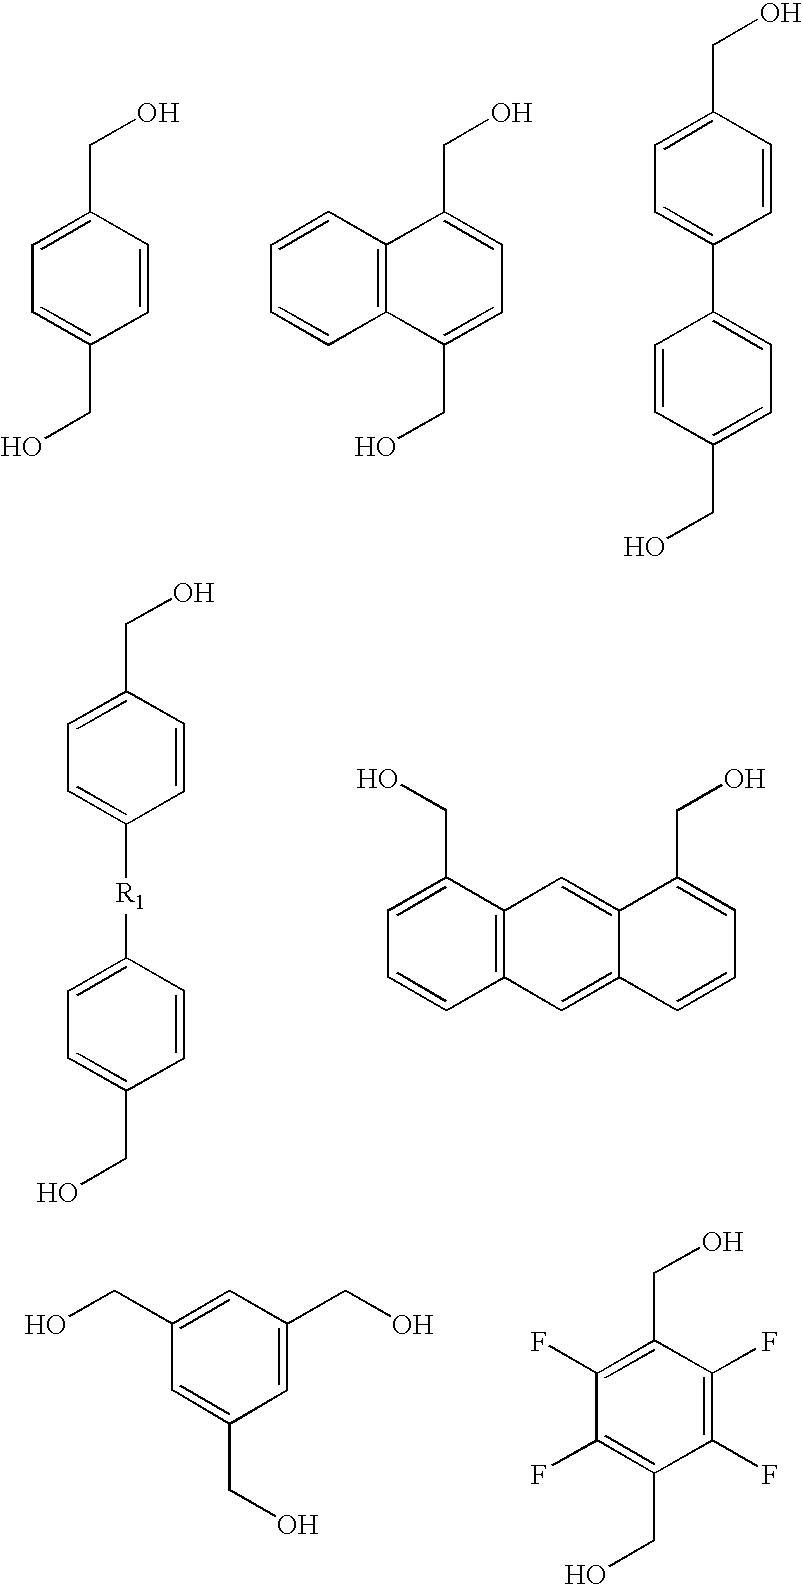 Figure US20060145149A1-20060706-C00003